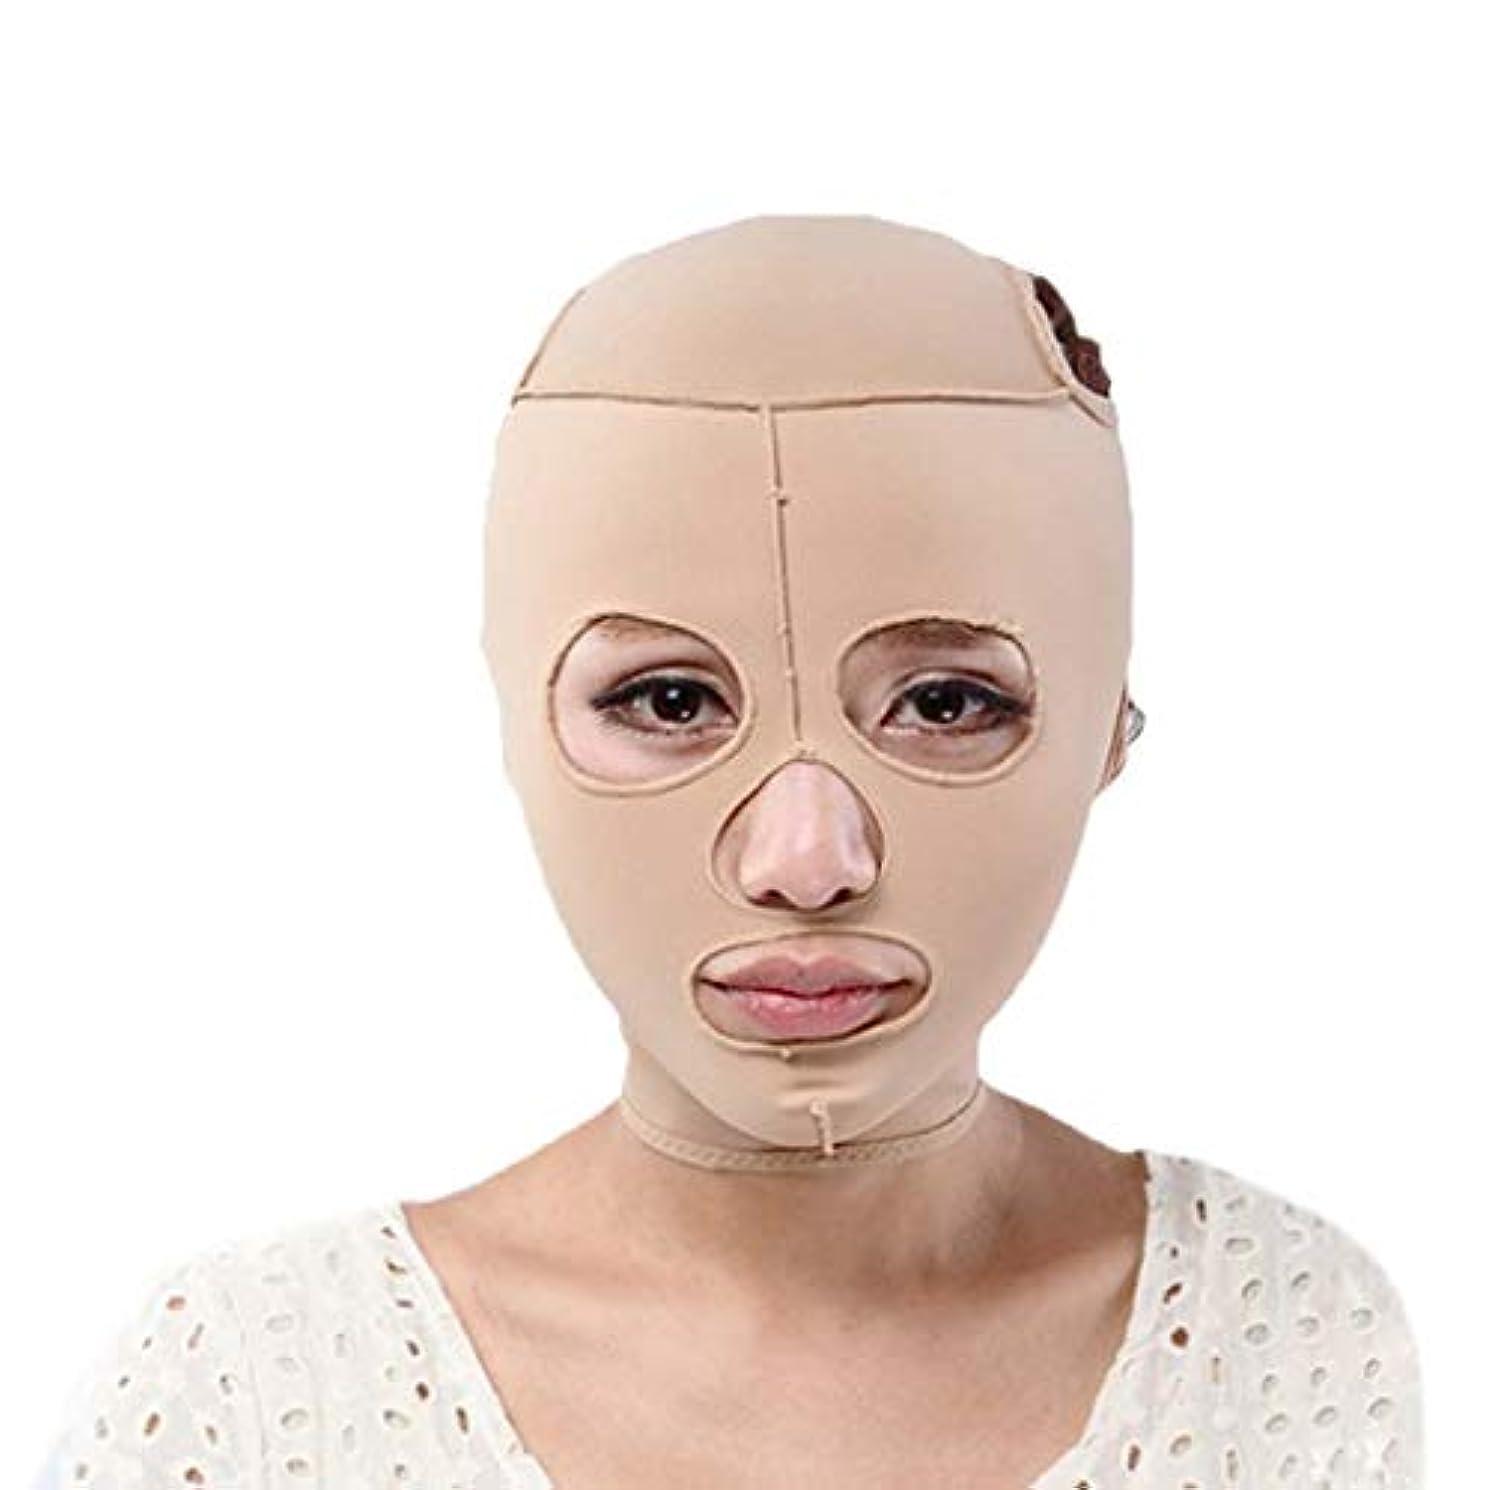 選択する余暇コピーチンストラップ、顔の減量アンチシワマスク、快適な通気性マスク付きオールインクルーシブフェイス、薄型フェイスマスクリフティング包帯引き締め(サイズ:S),L